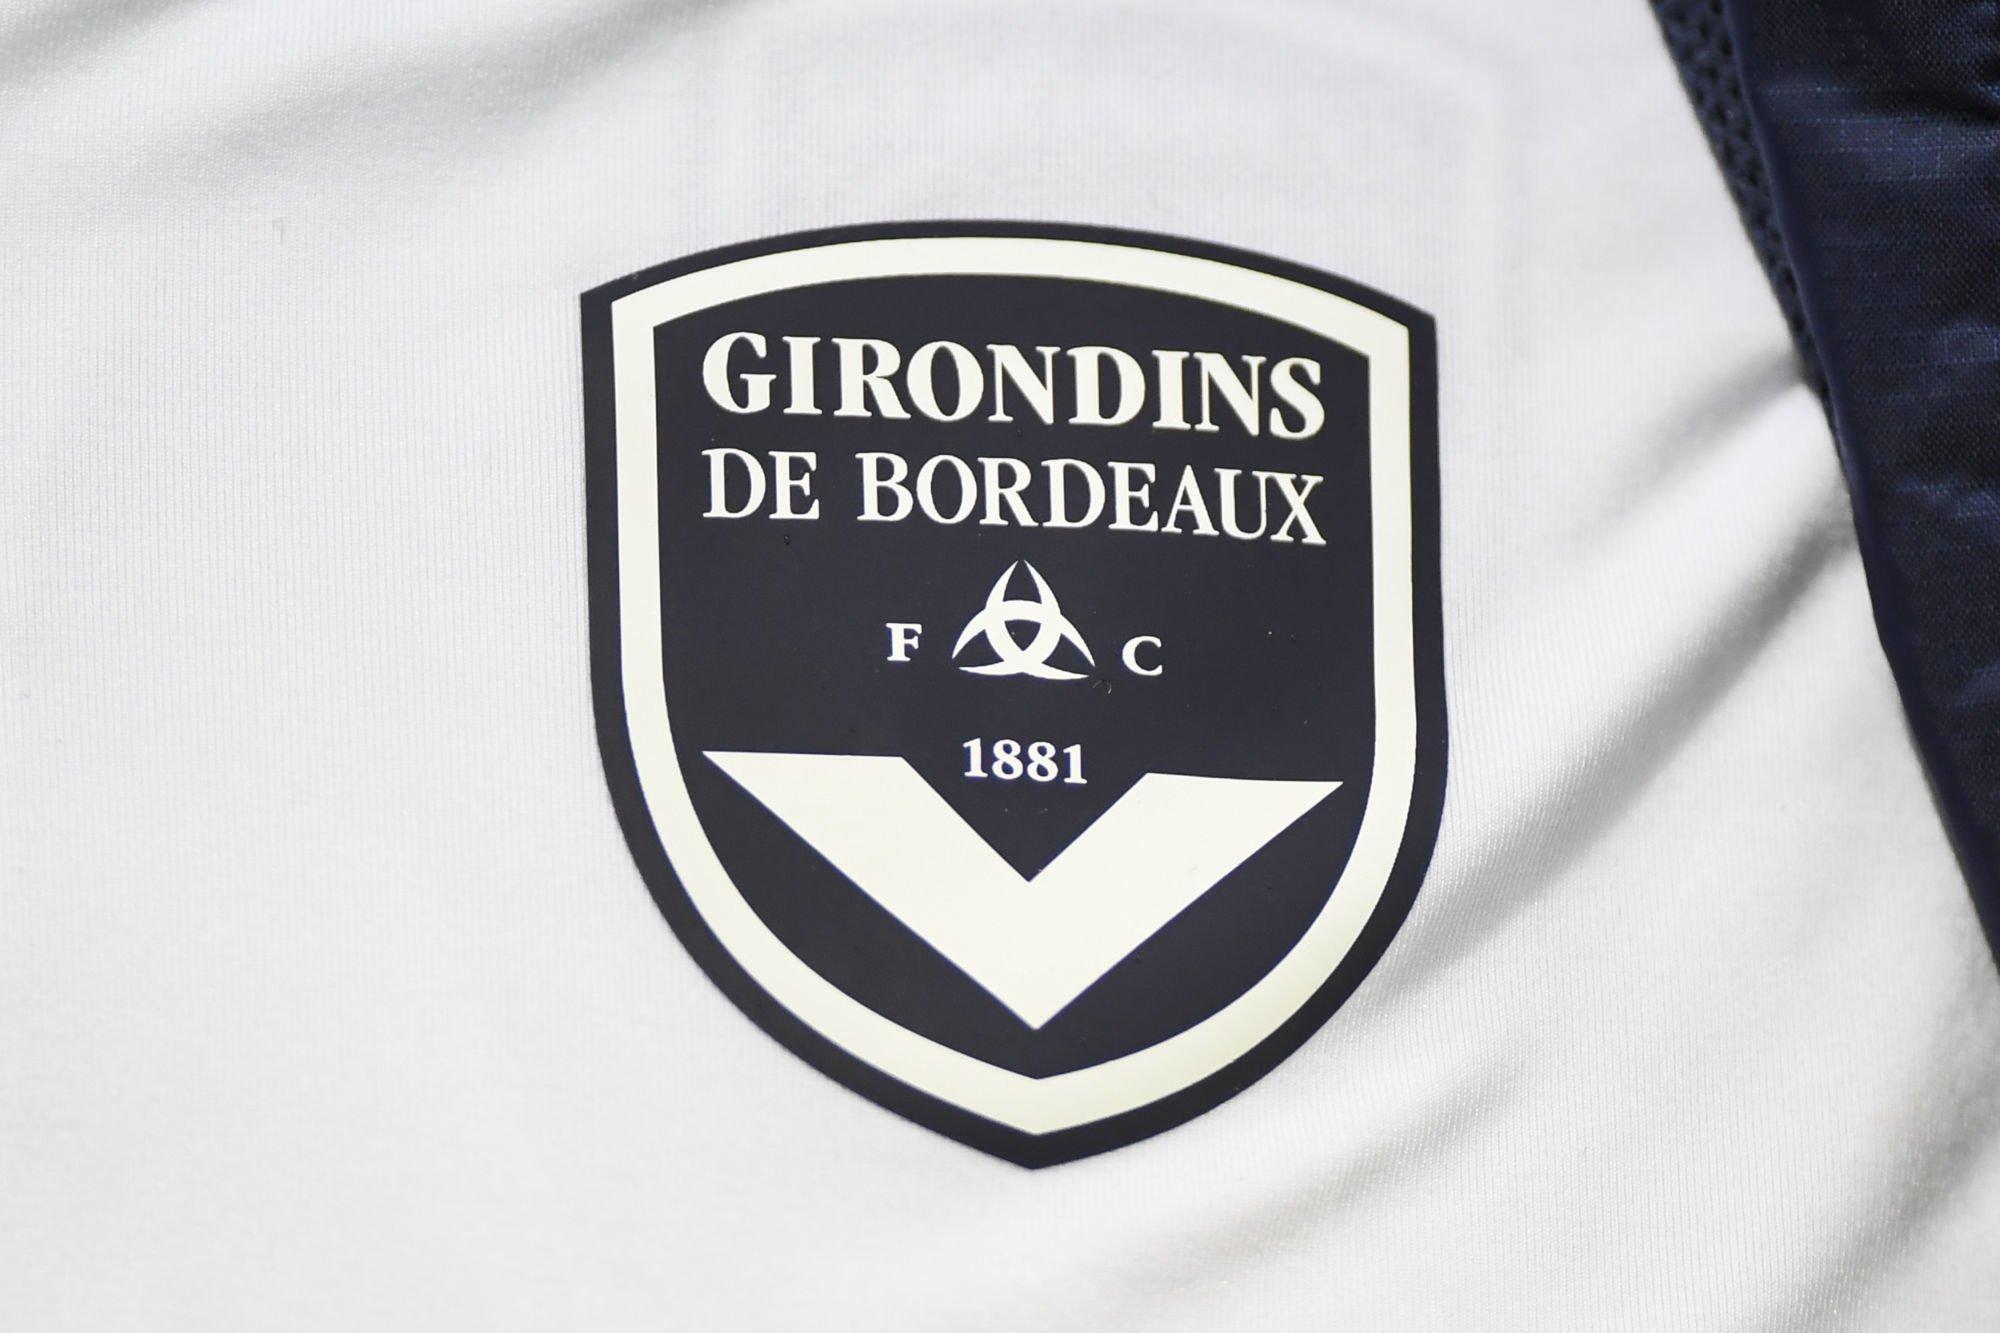 King Street se sépare de Bordeaux : un club historique en péril